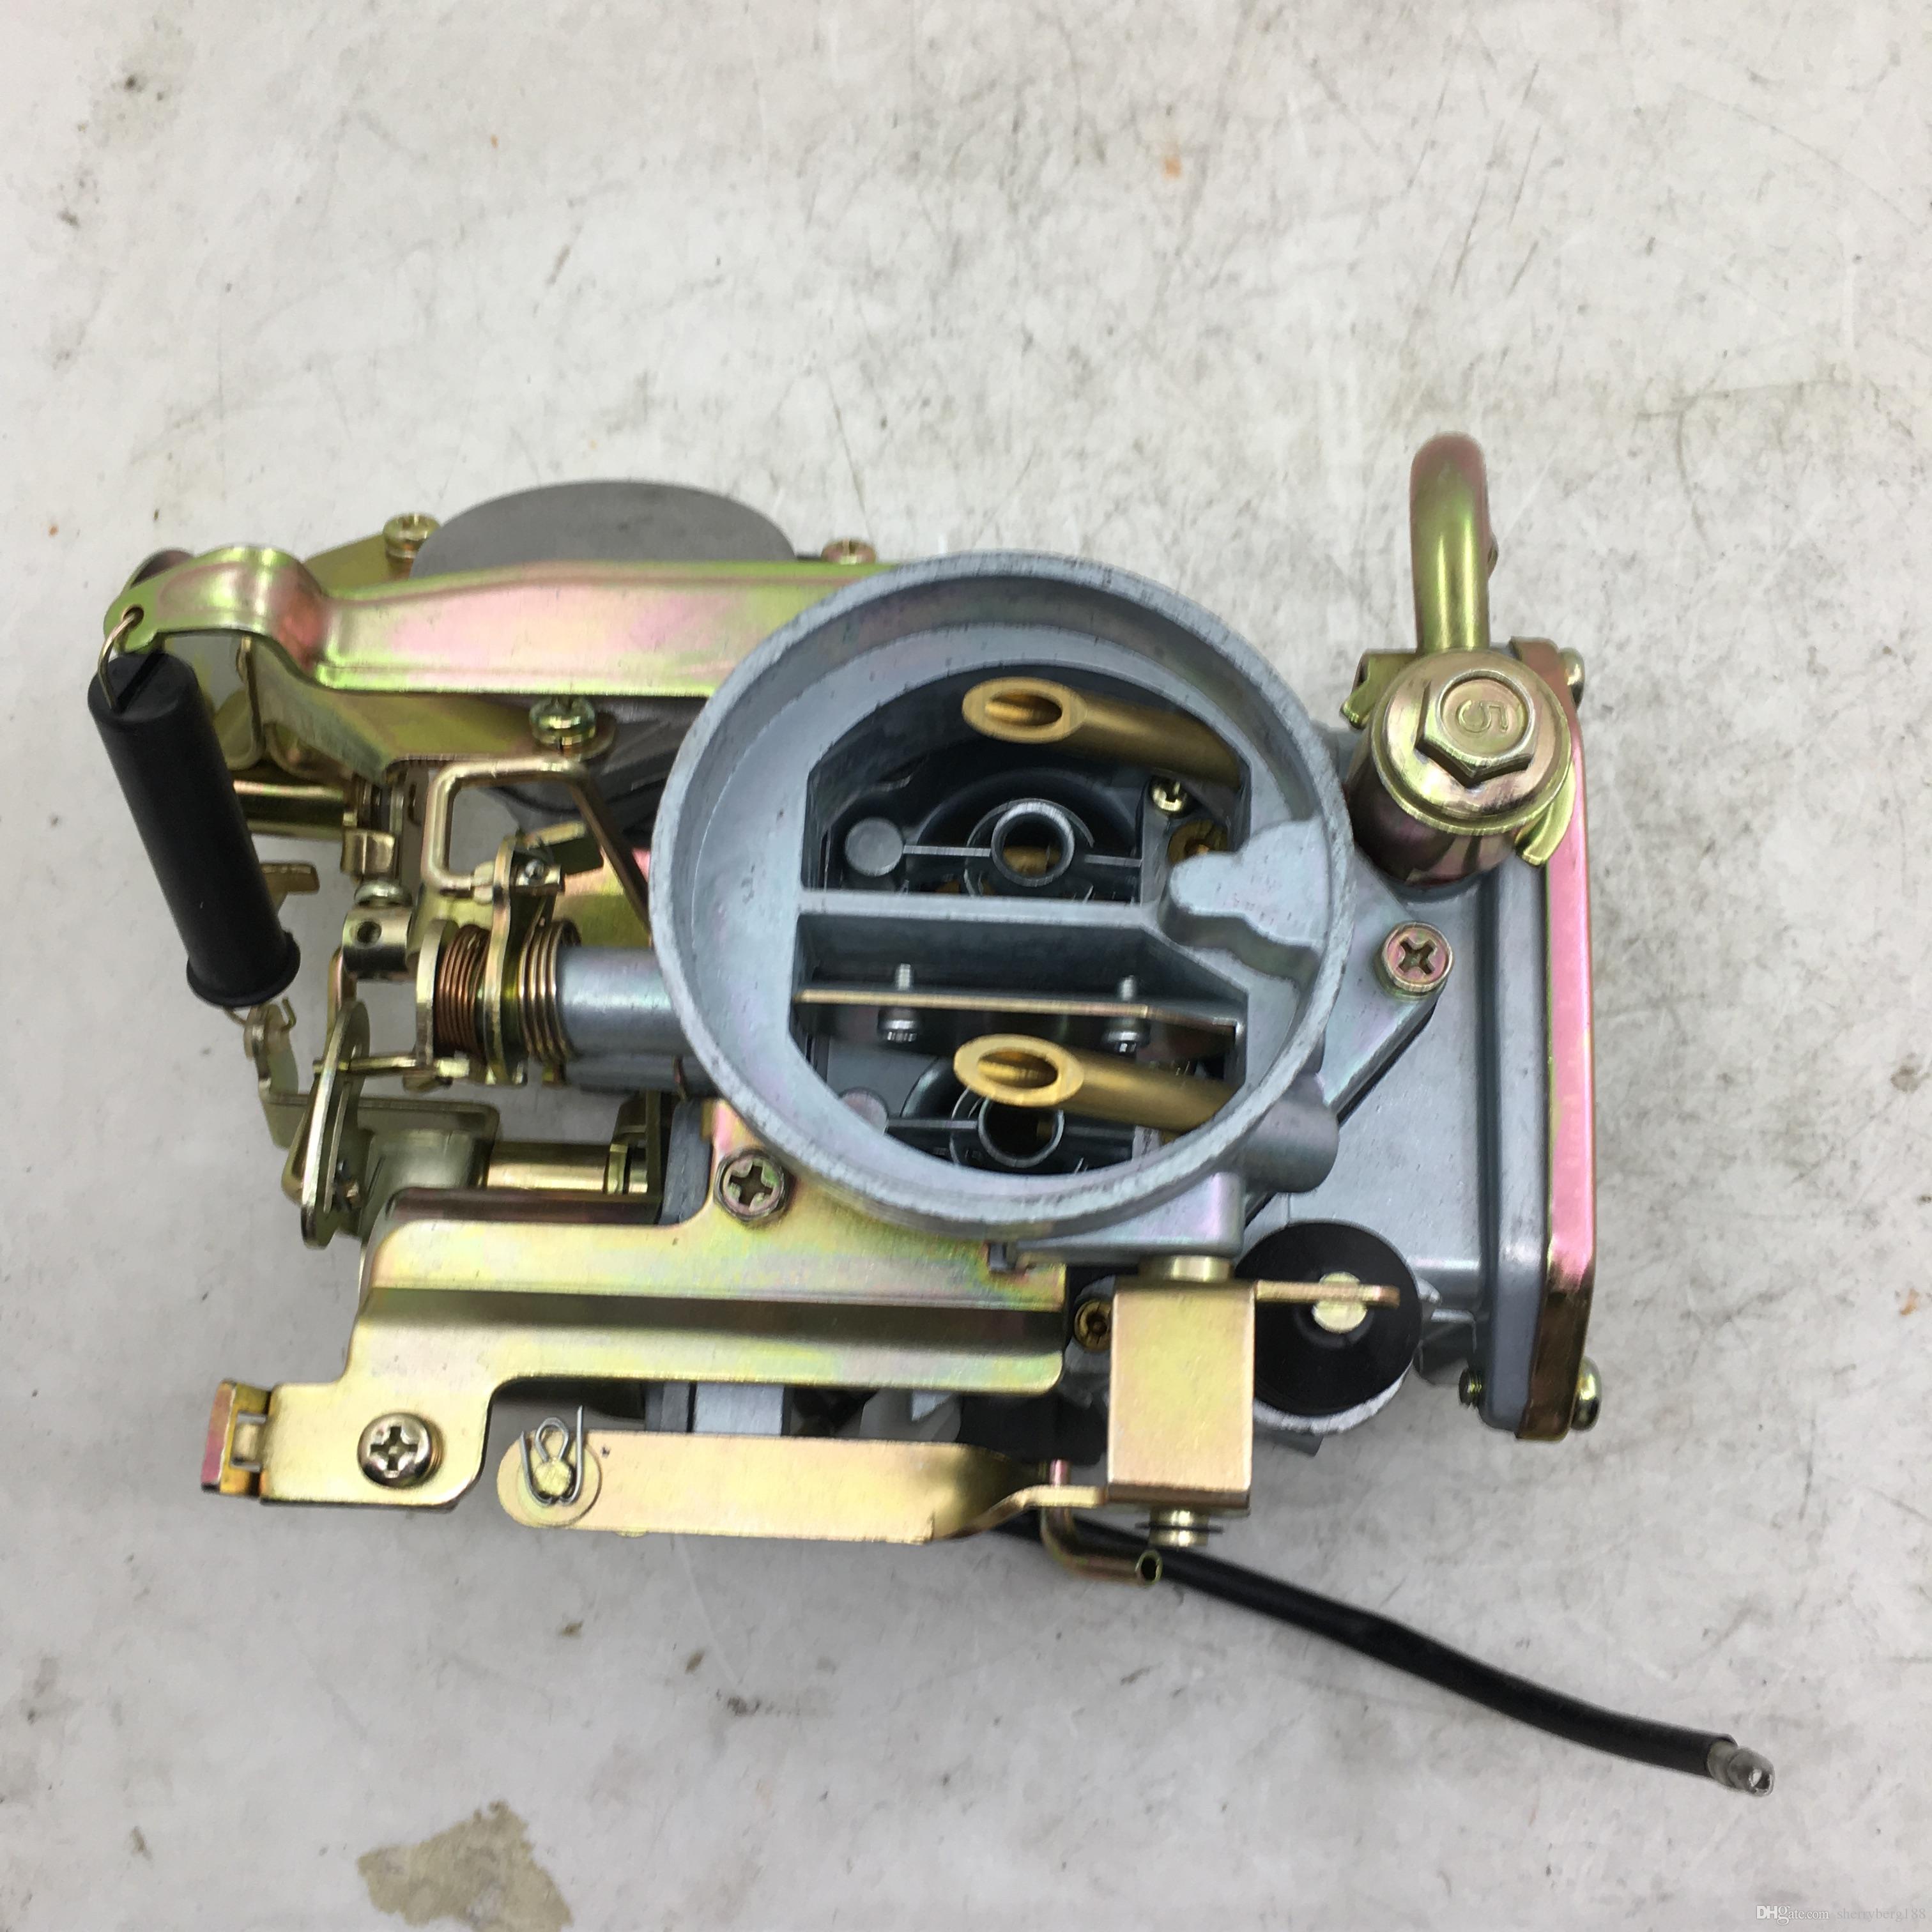 Carburetor Vergaser  für Kohler 20-853-88-S SV590 SV591 SV600 SV610 620  Carb DE